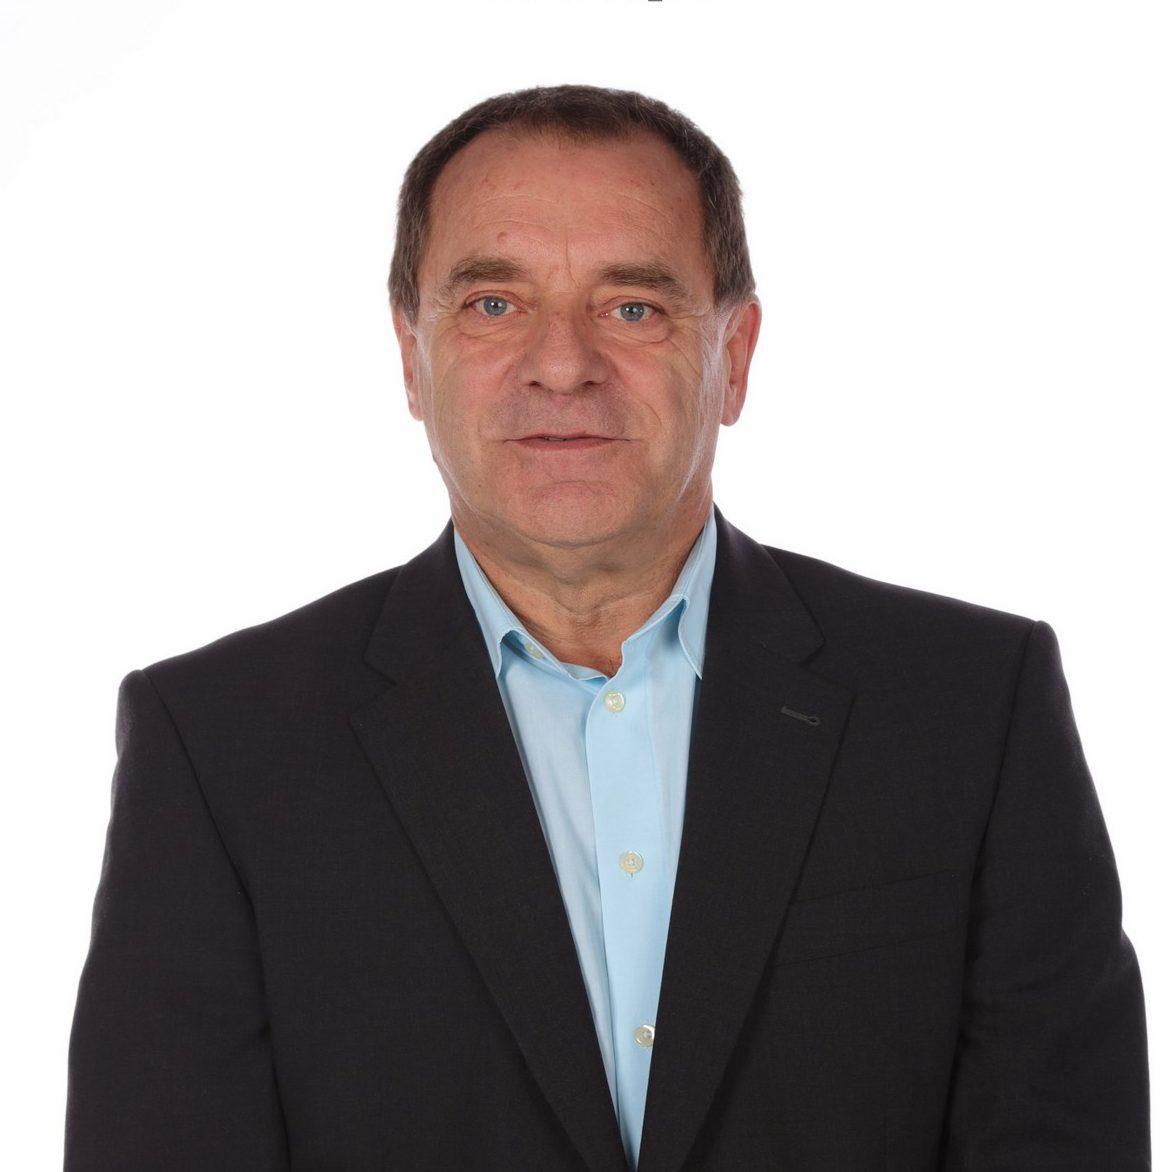 Armin Sinzinger